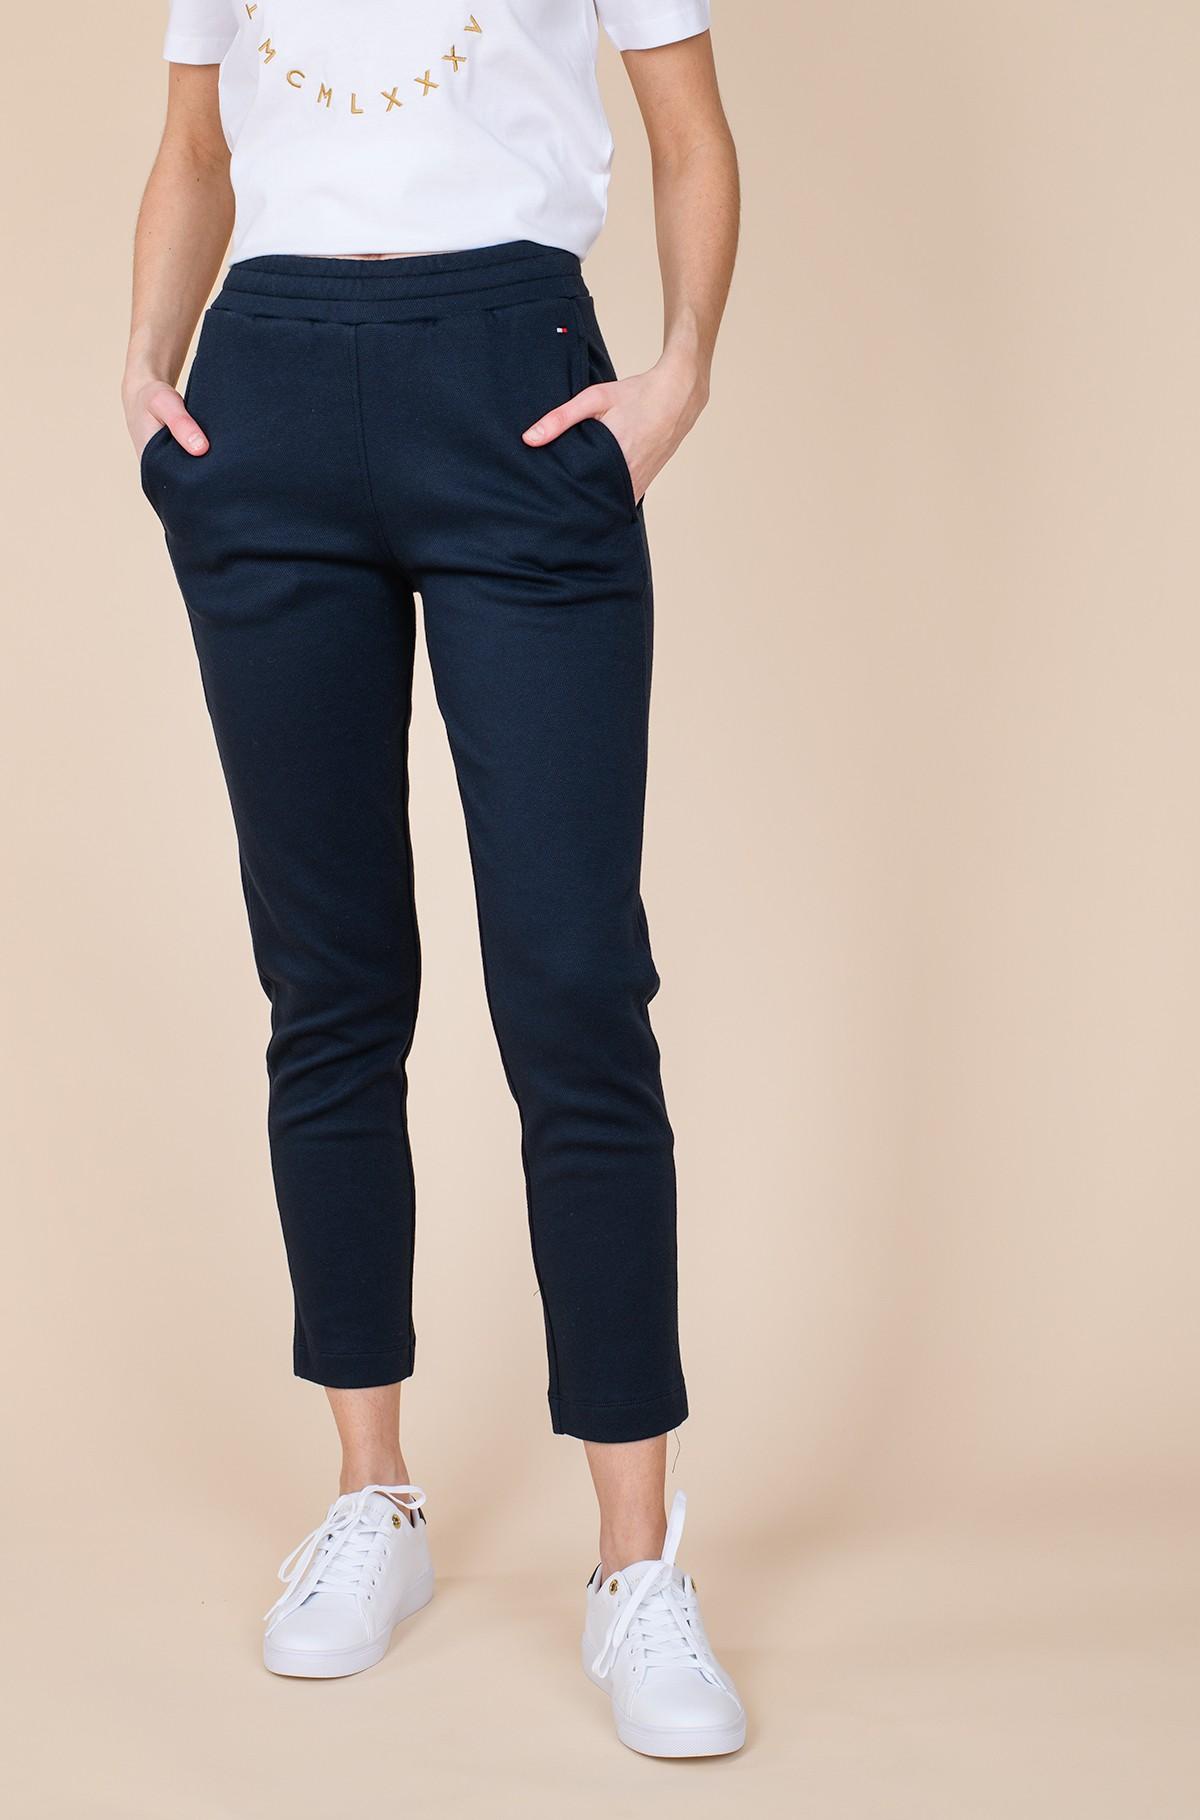 Sportinės kelnės PIQUE TAPERED PANT-full-1